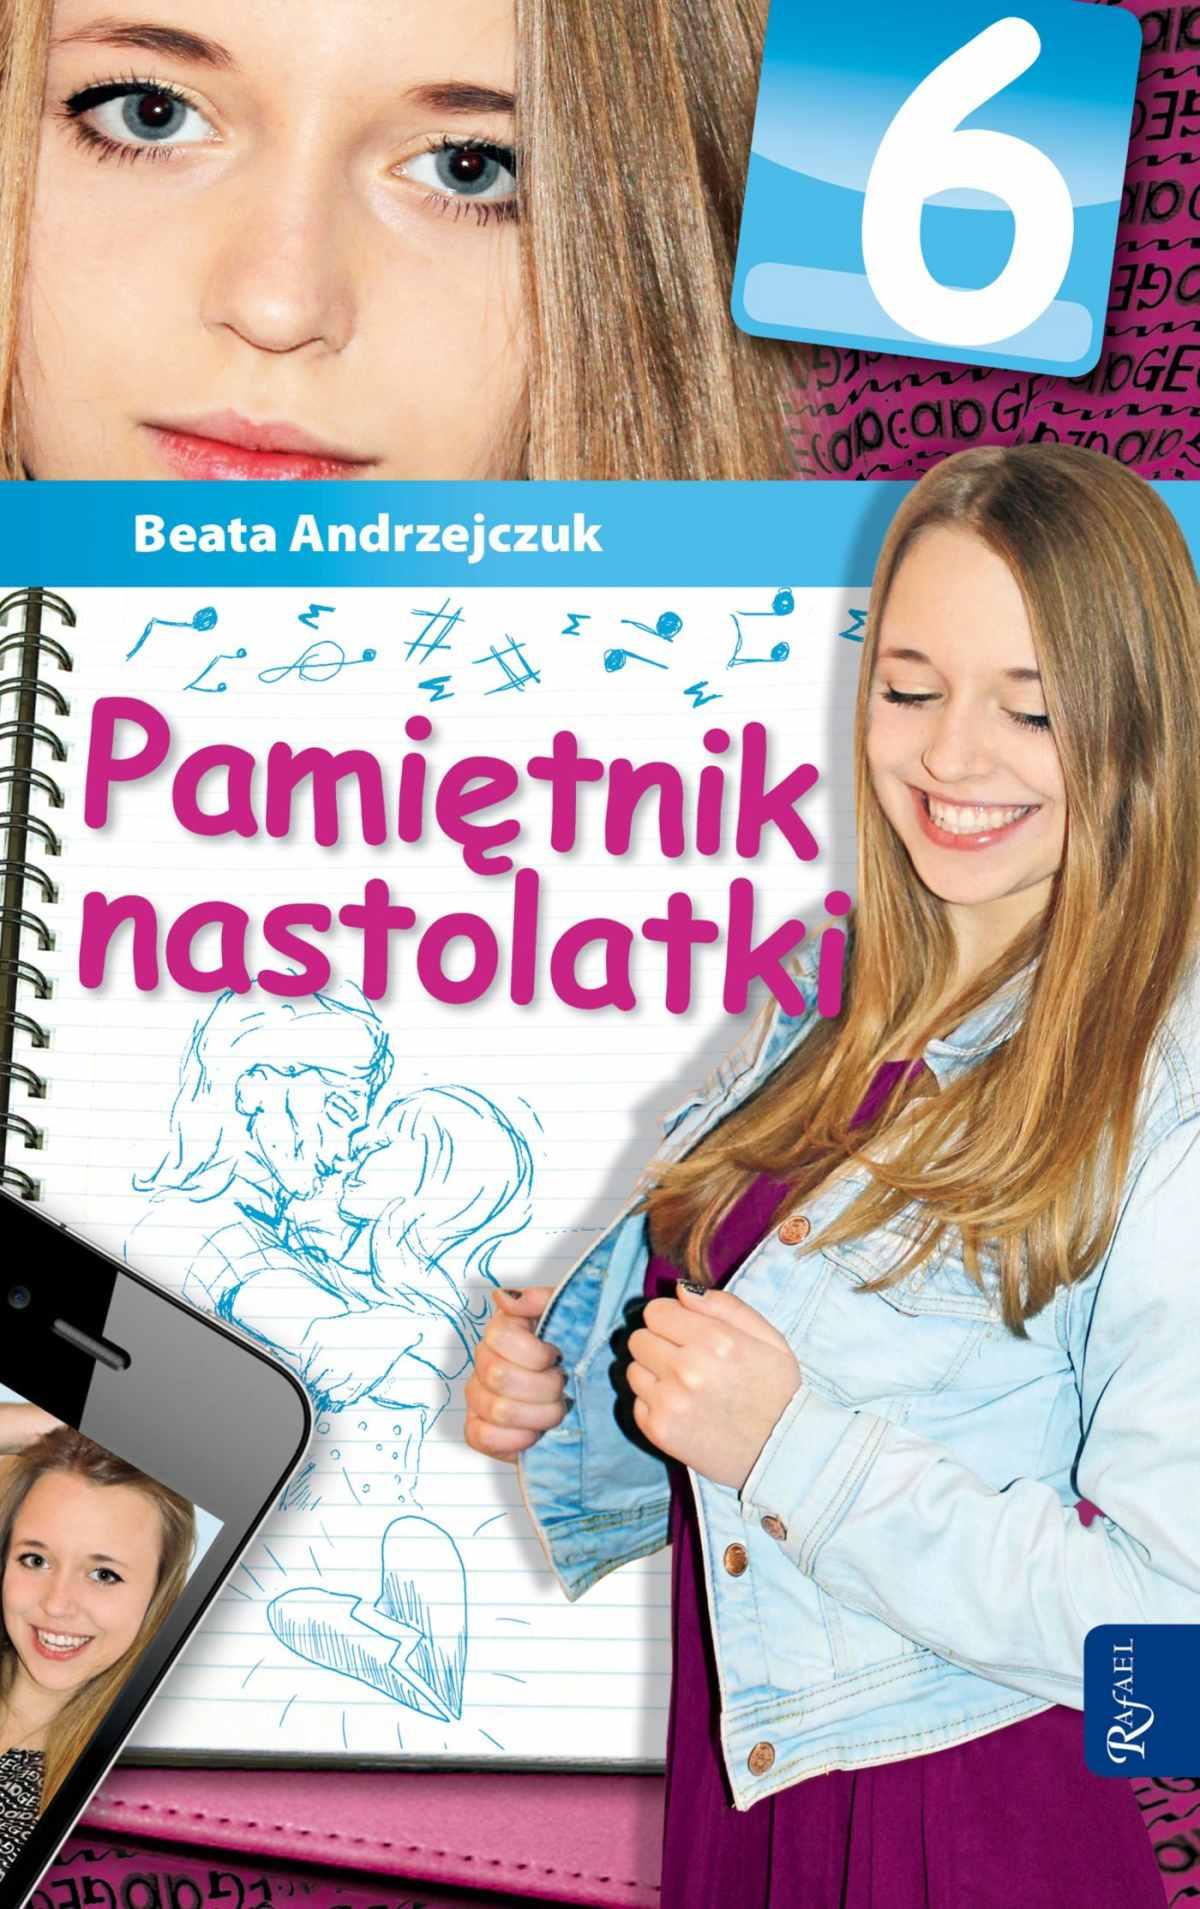 Pamiętnik nastolatki 6 - Ebook (Książka na Kindle) do pobrania w formacie MOBI